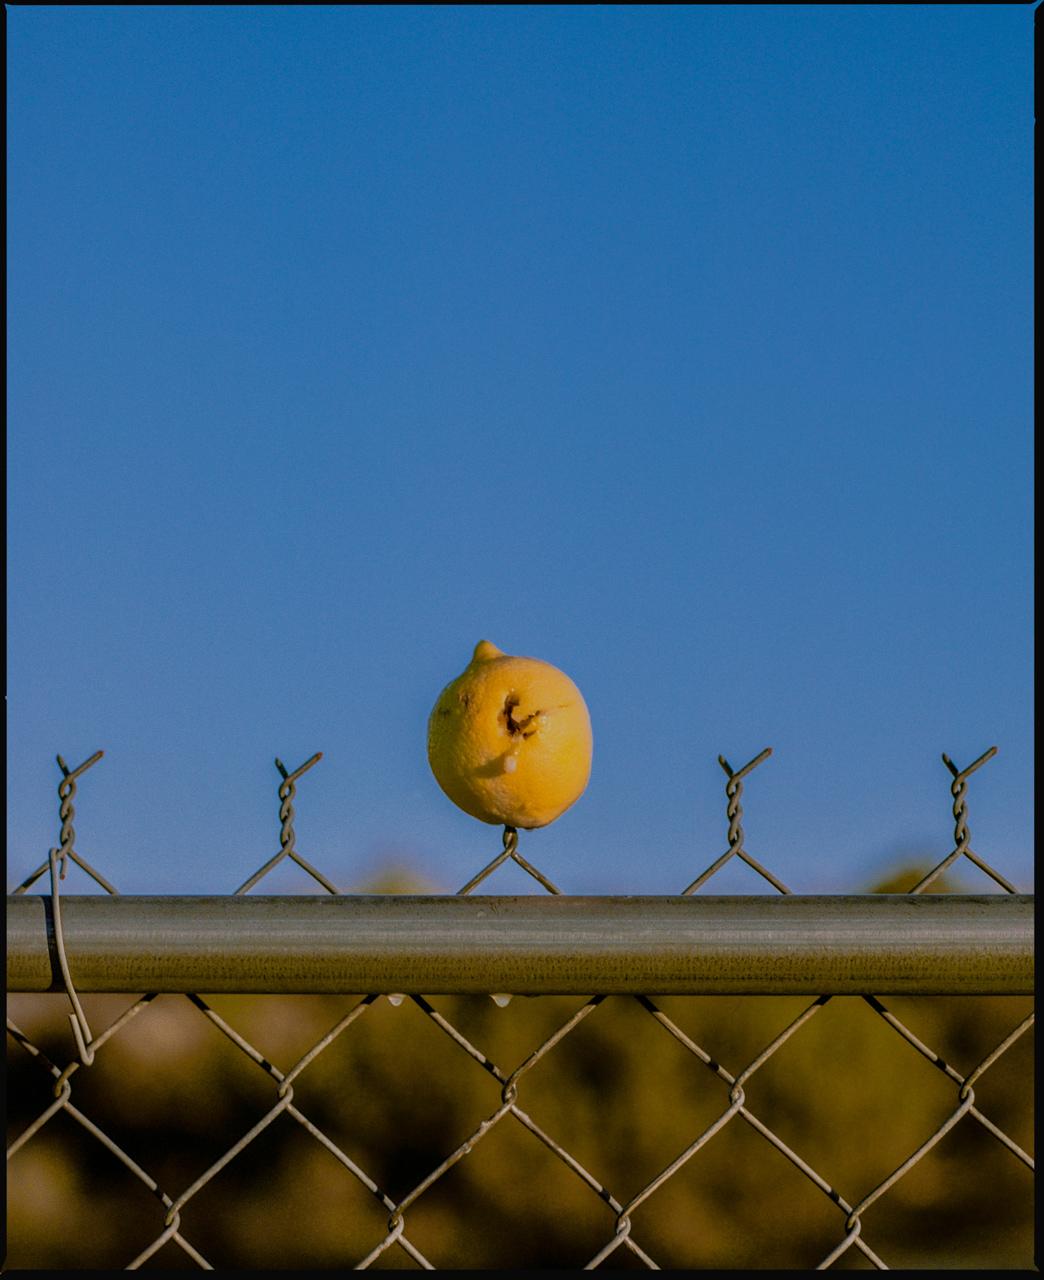 Lemon_Hole_Joshua_tree.jpg